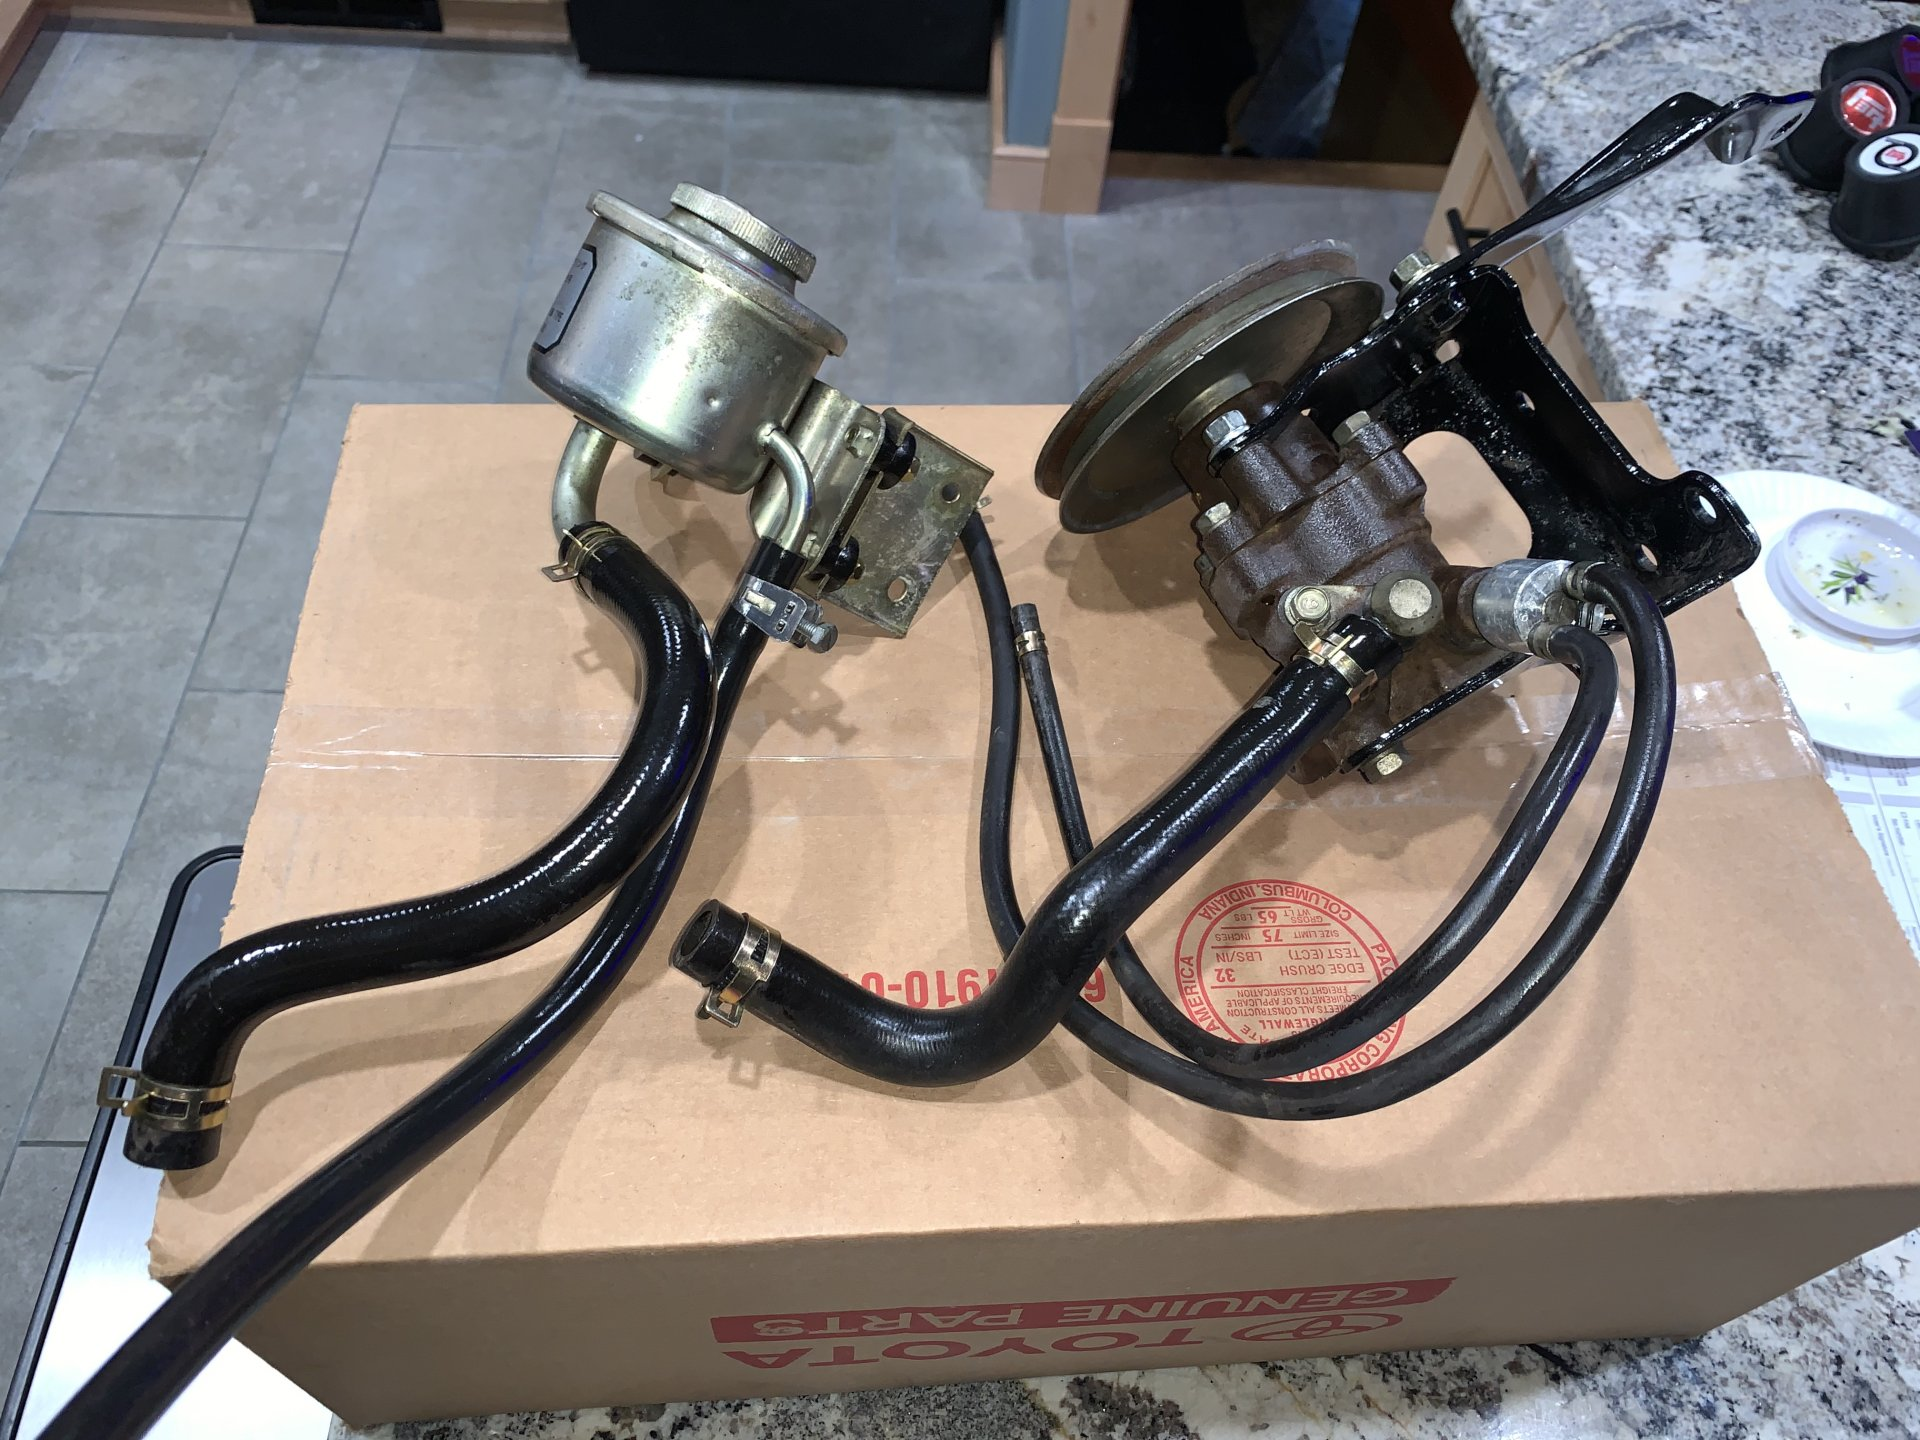 DCEA9BB1-5370-48BD-9D8D-5039F1E8059E.jpeg